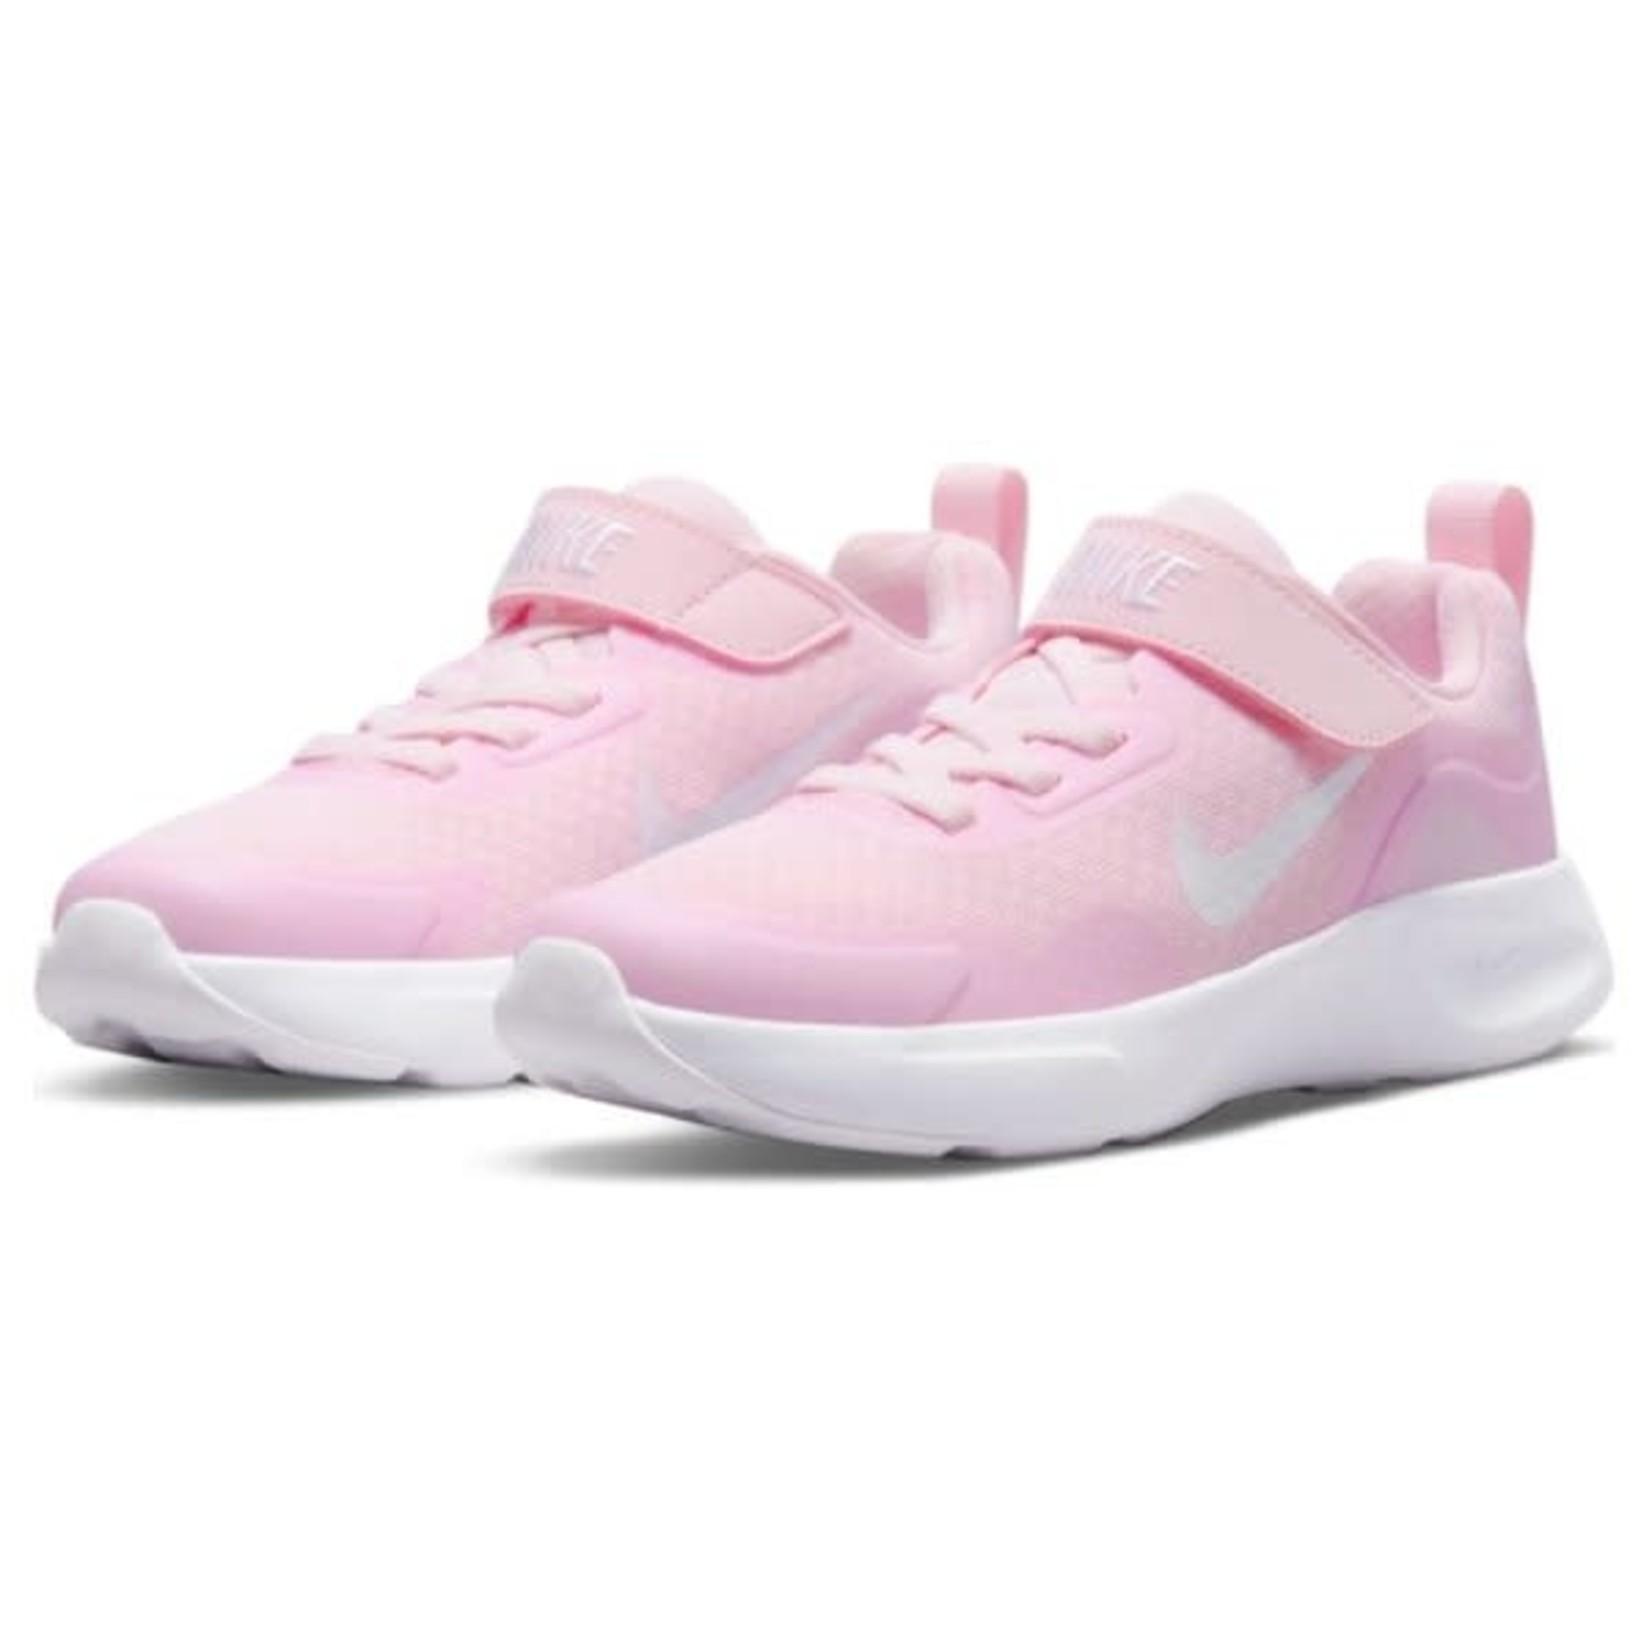 Nike Nike Running Shoes, Wearallday, Girls